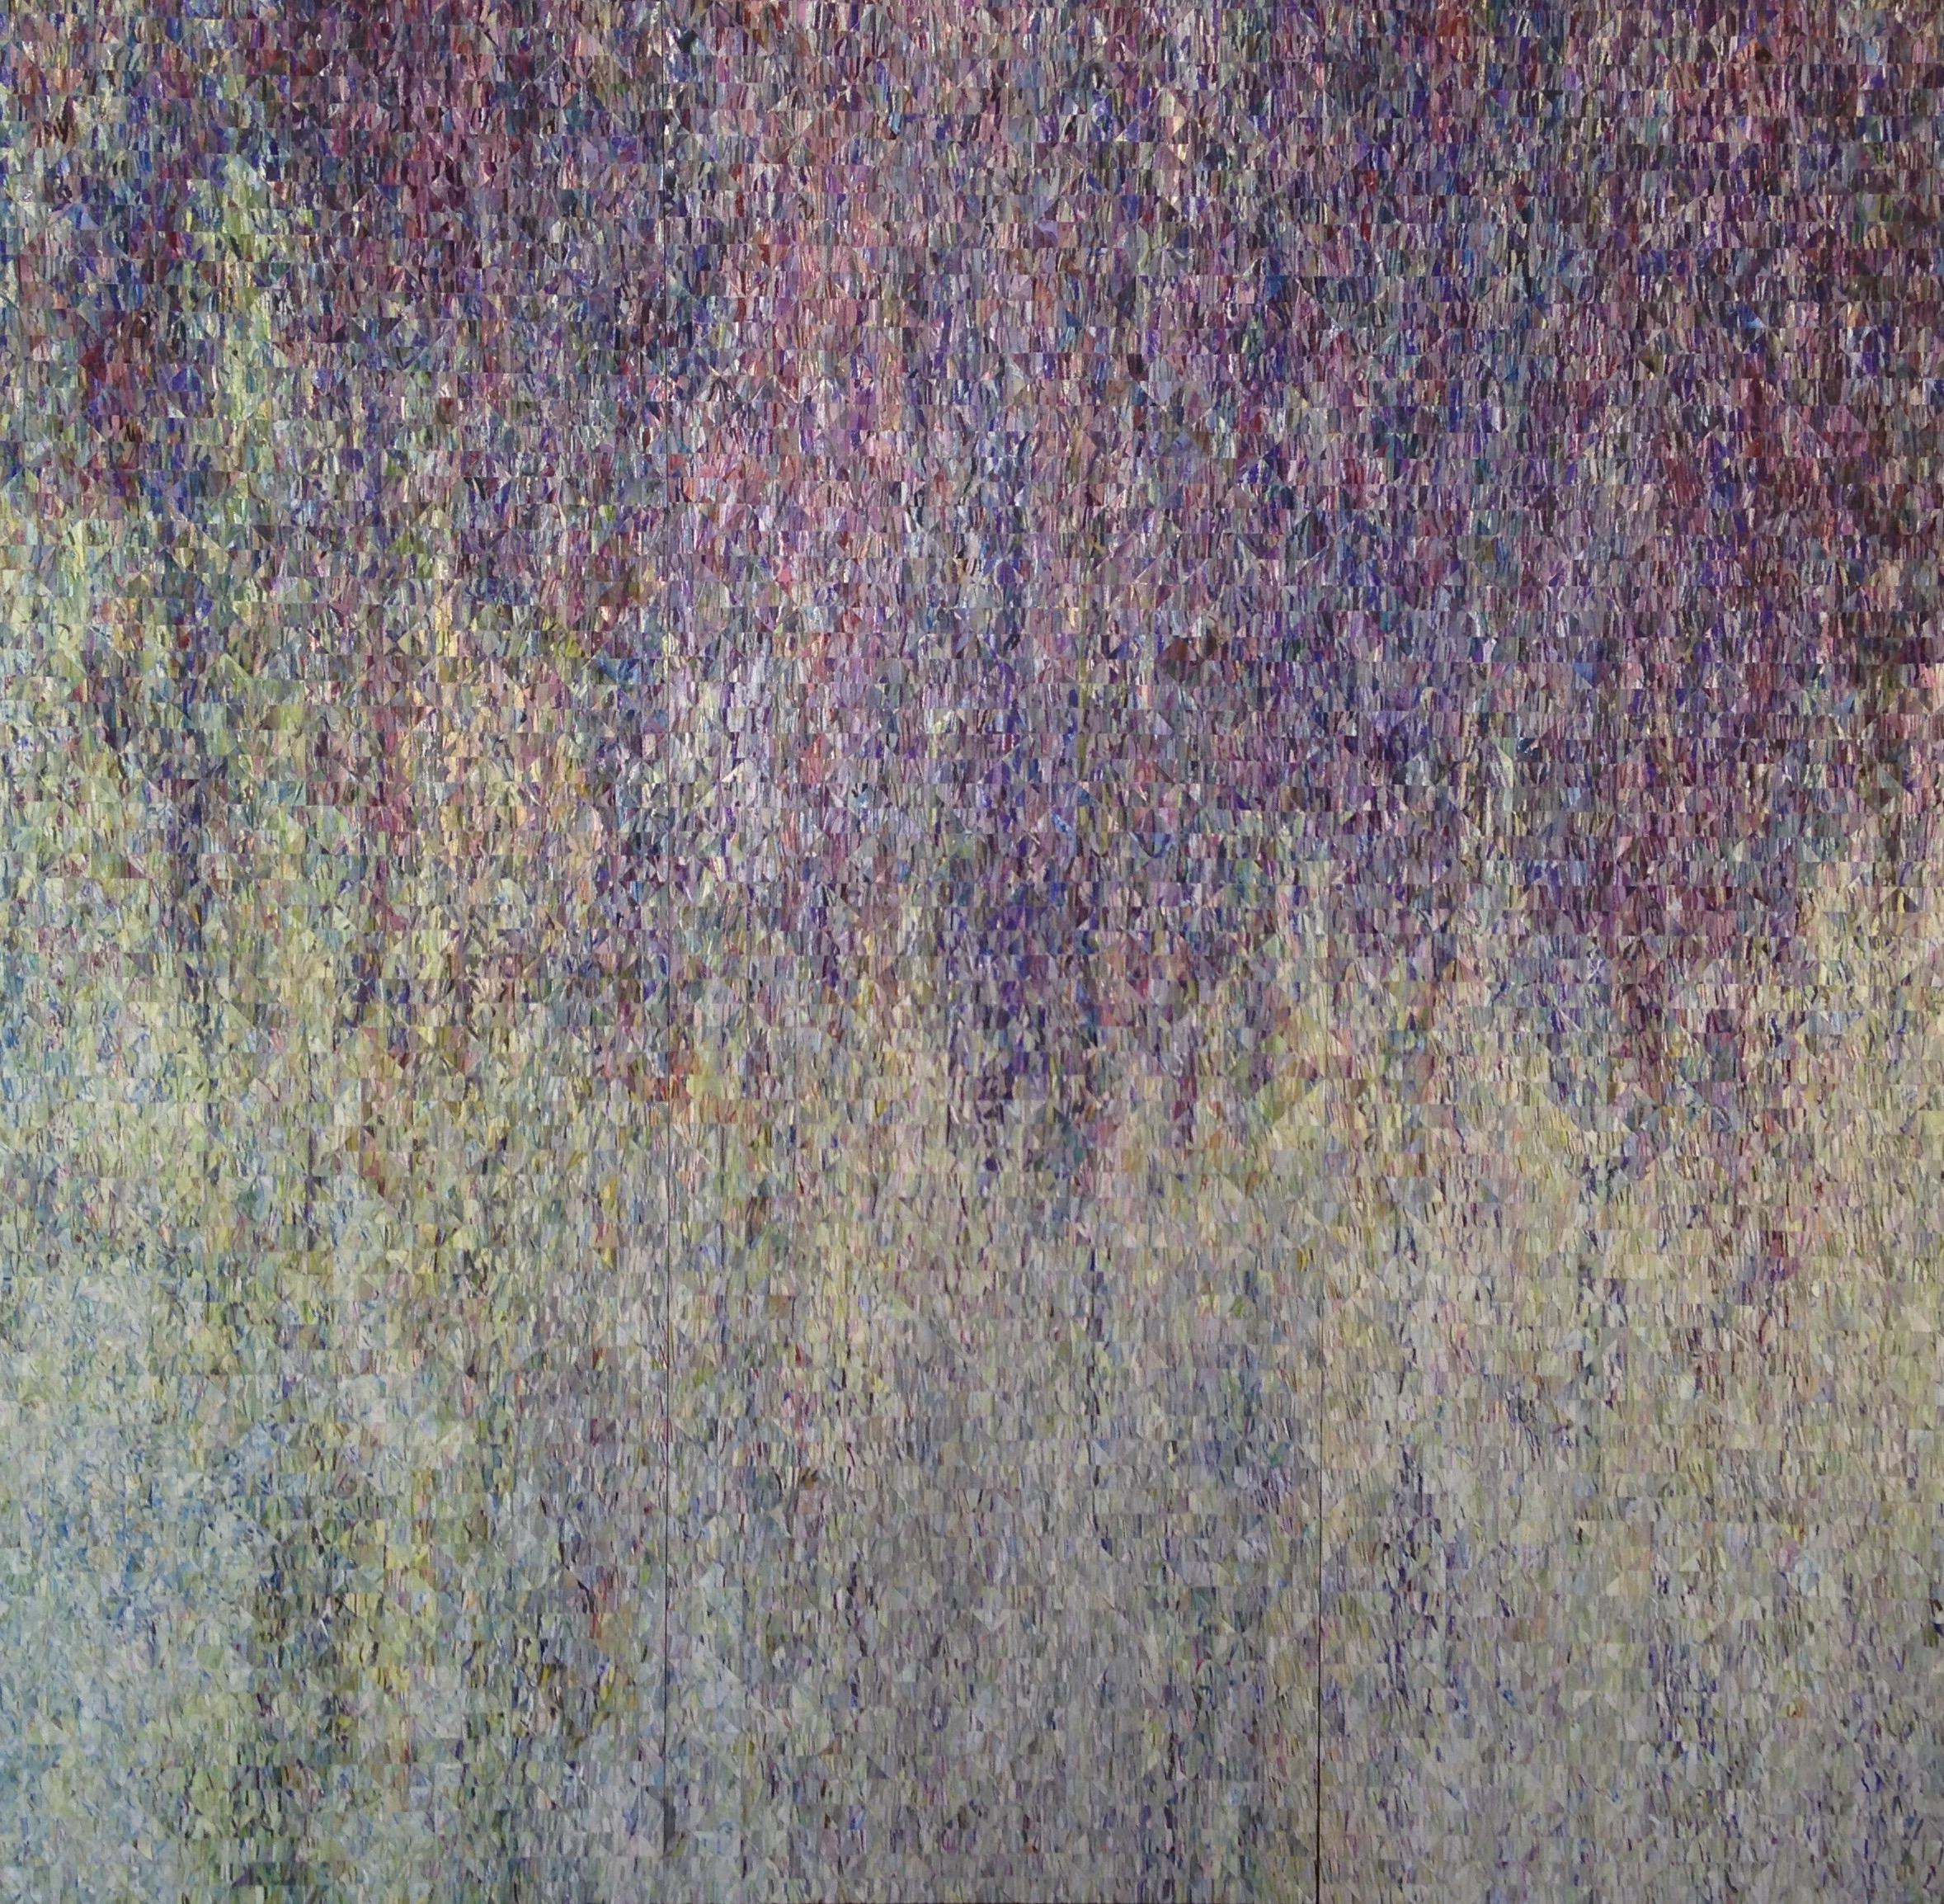 Nocturne Violet Green